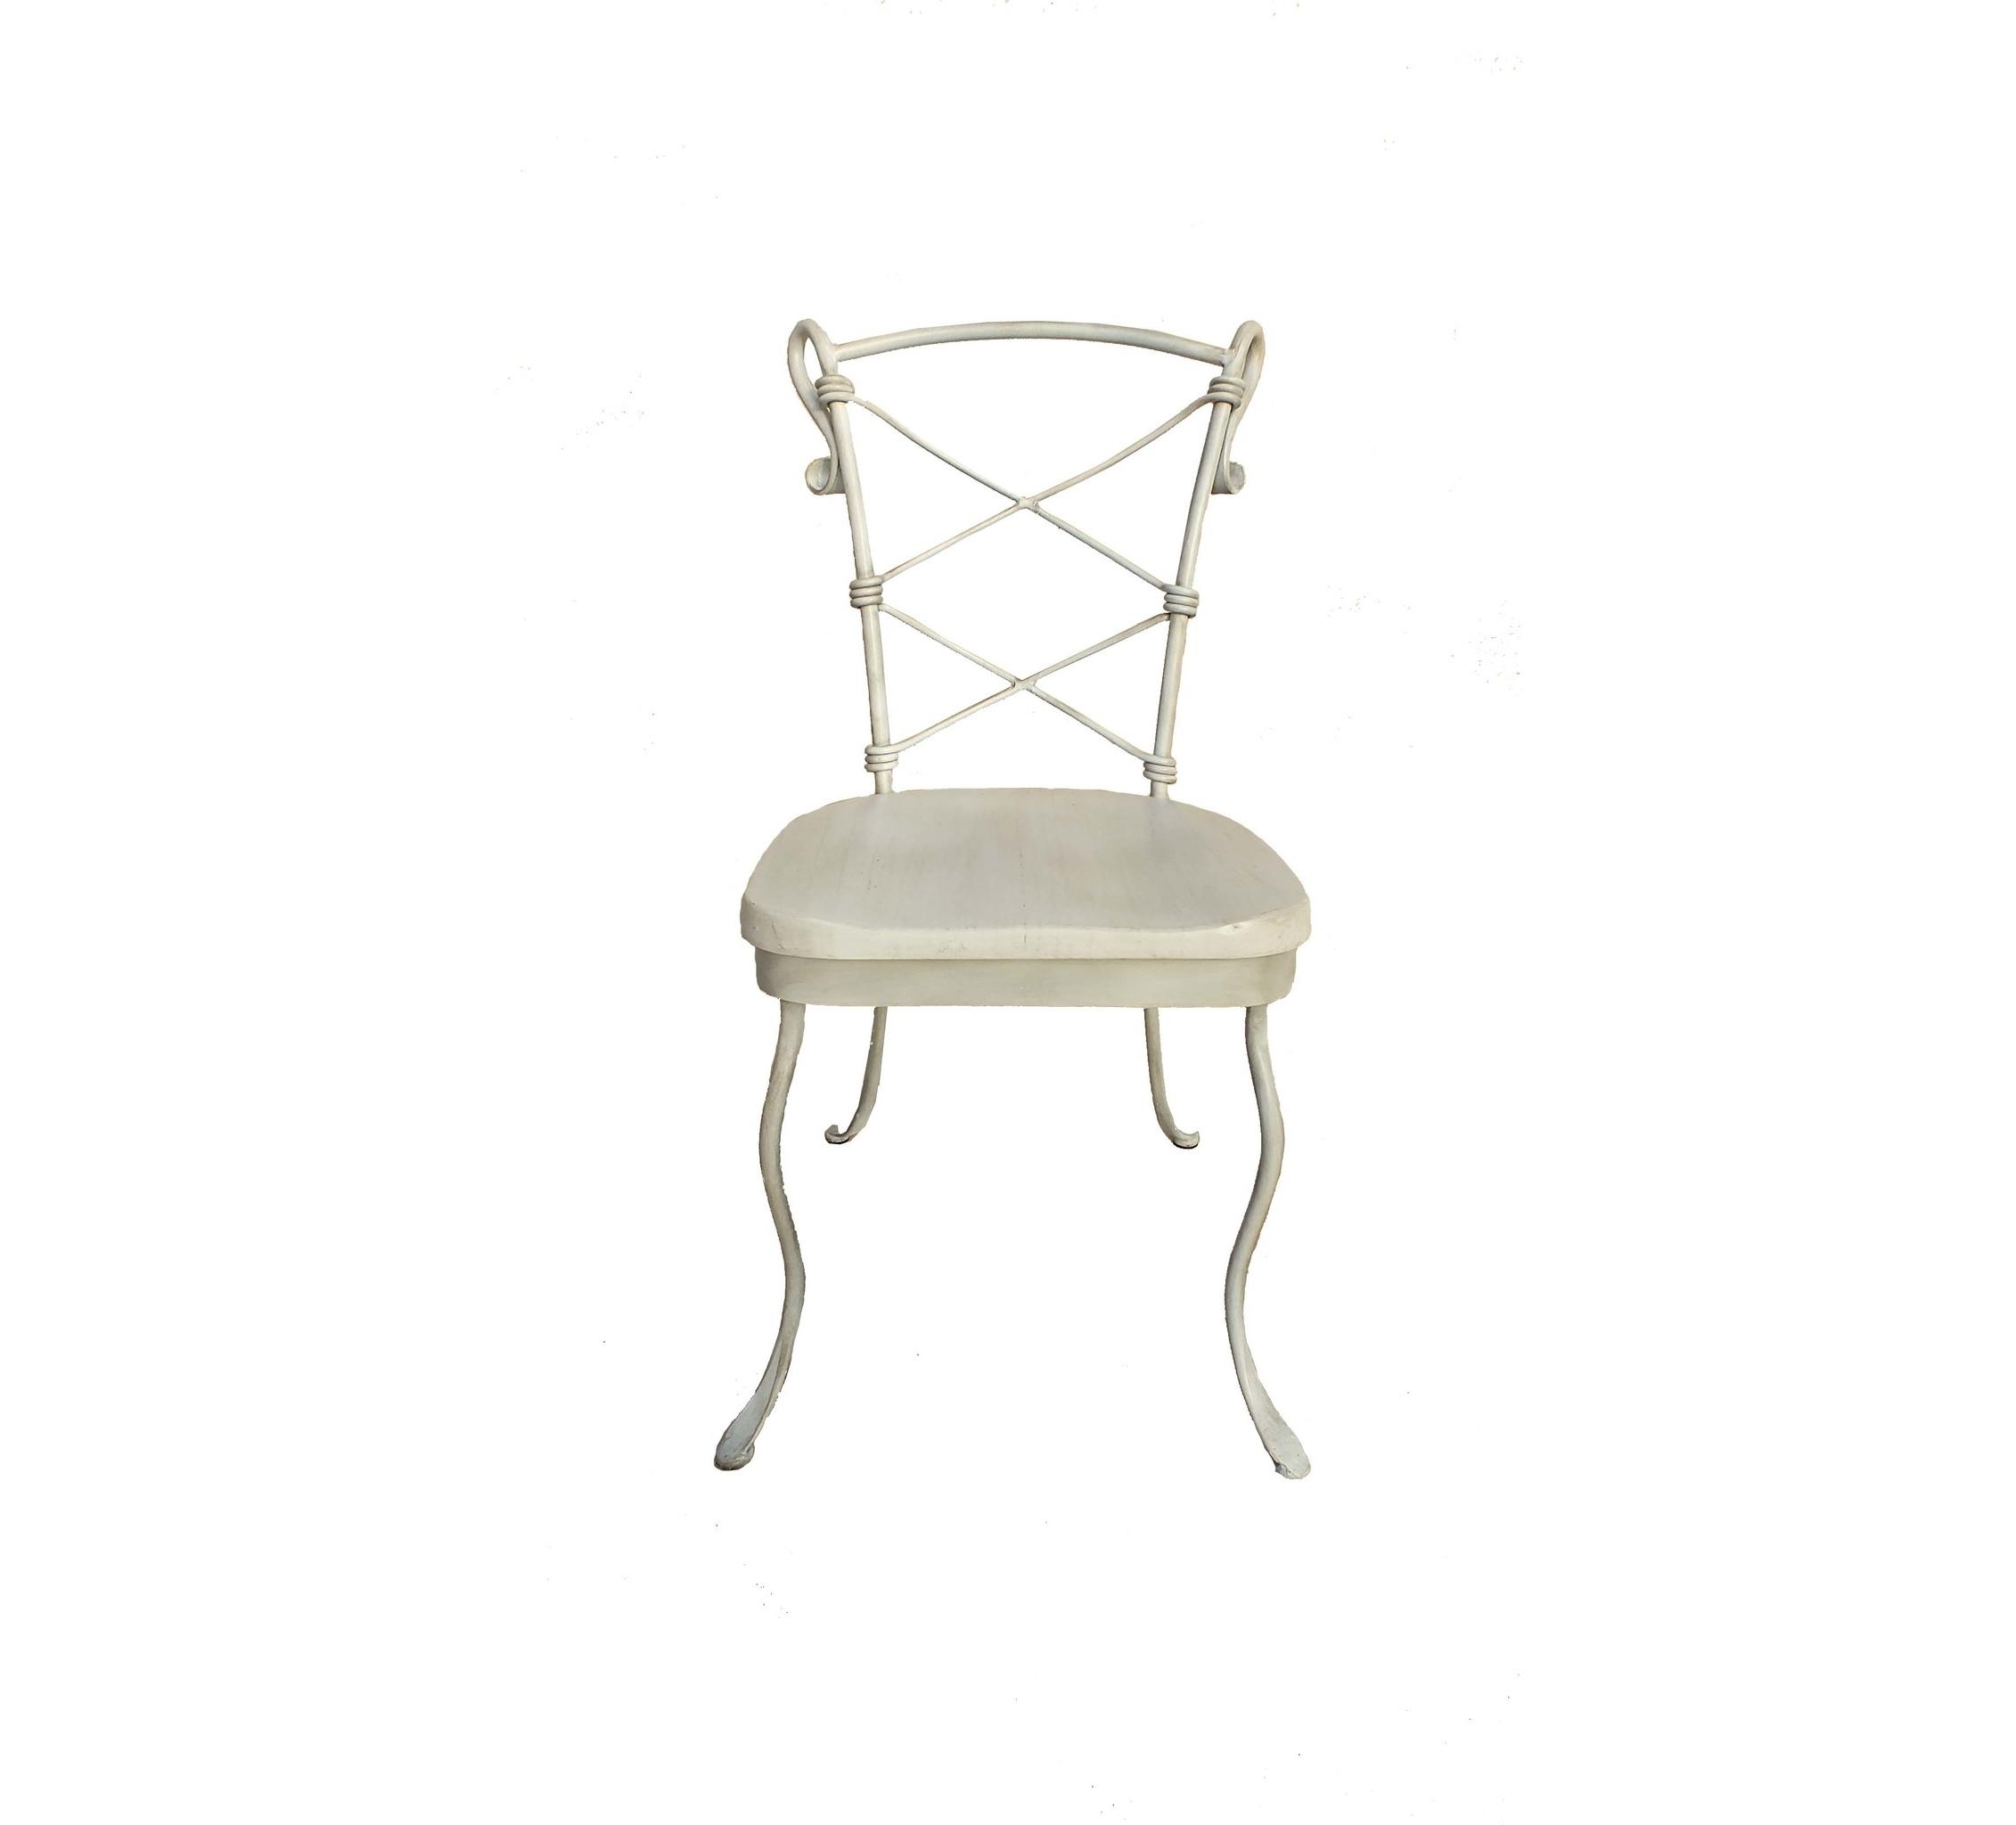 СтулОбеденные стулья<br>Товар поставляется в  собранном виде.<br><br>Material: Металл<br>Length см: None<br>Width см: 51<br>Depth см: 64<br>Height см: 98